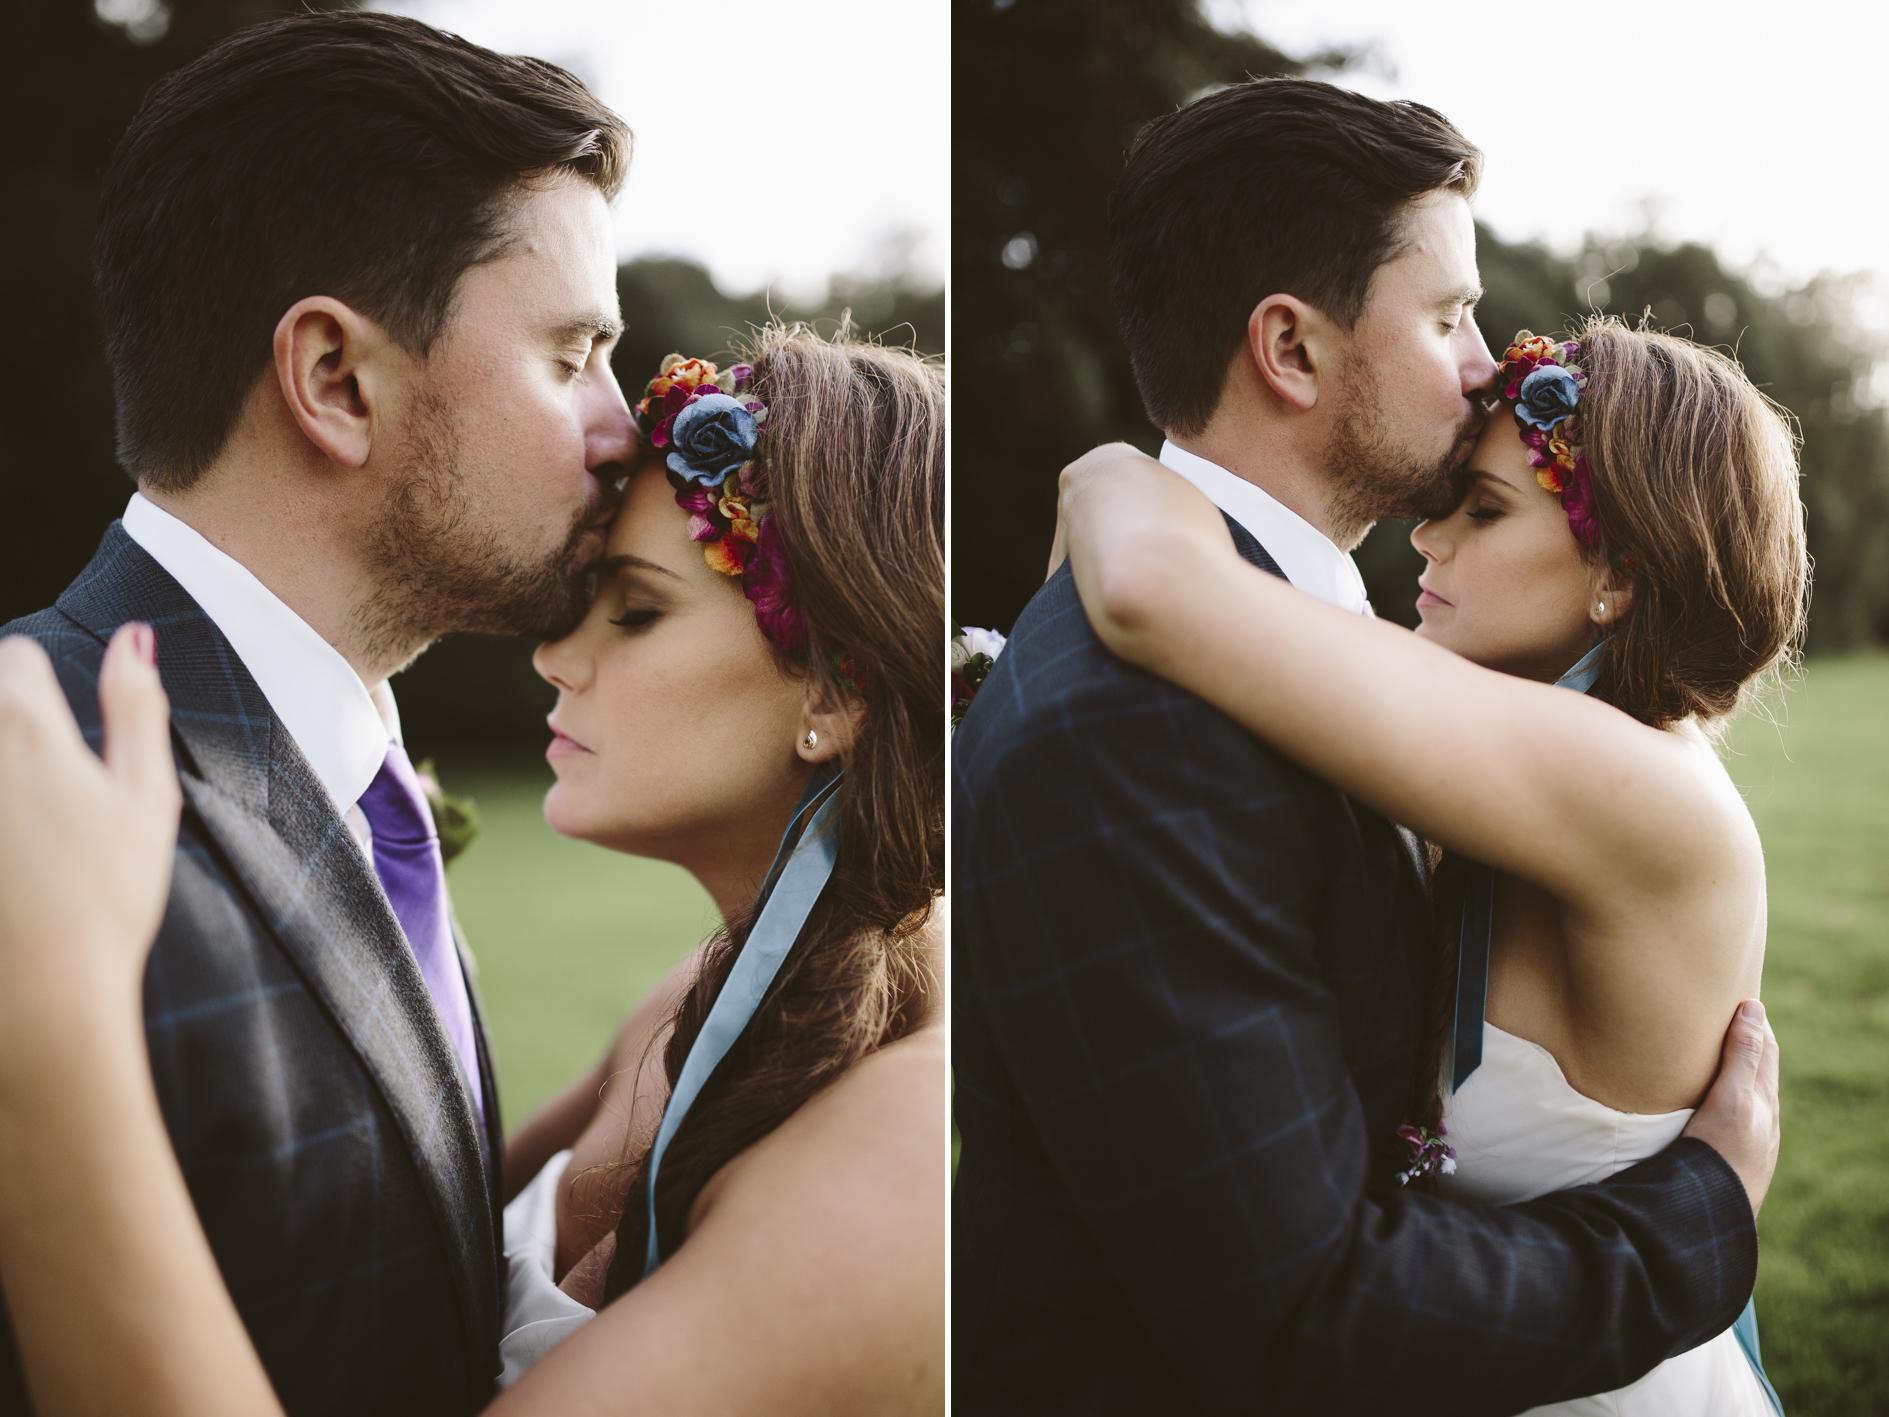 Wedding photographer Ireland Graciela Vilagudin 852.jpg